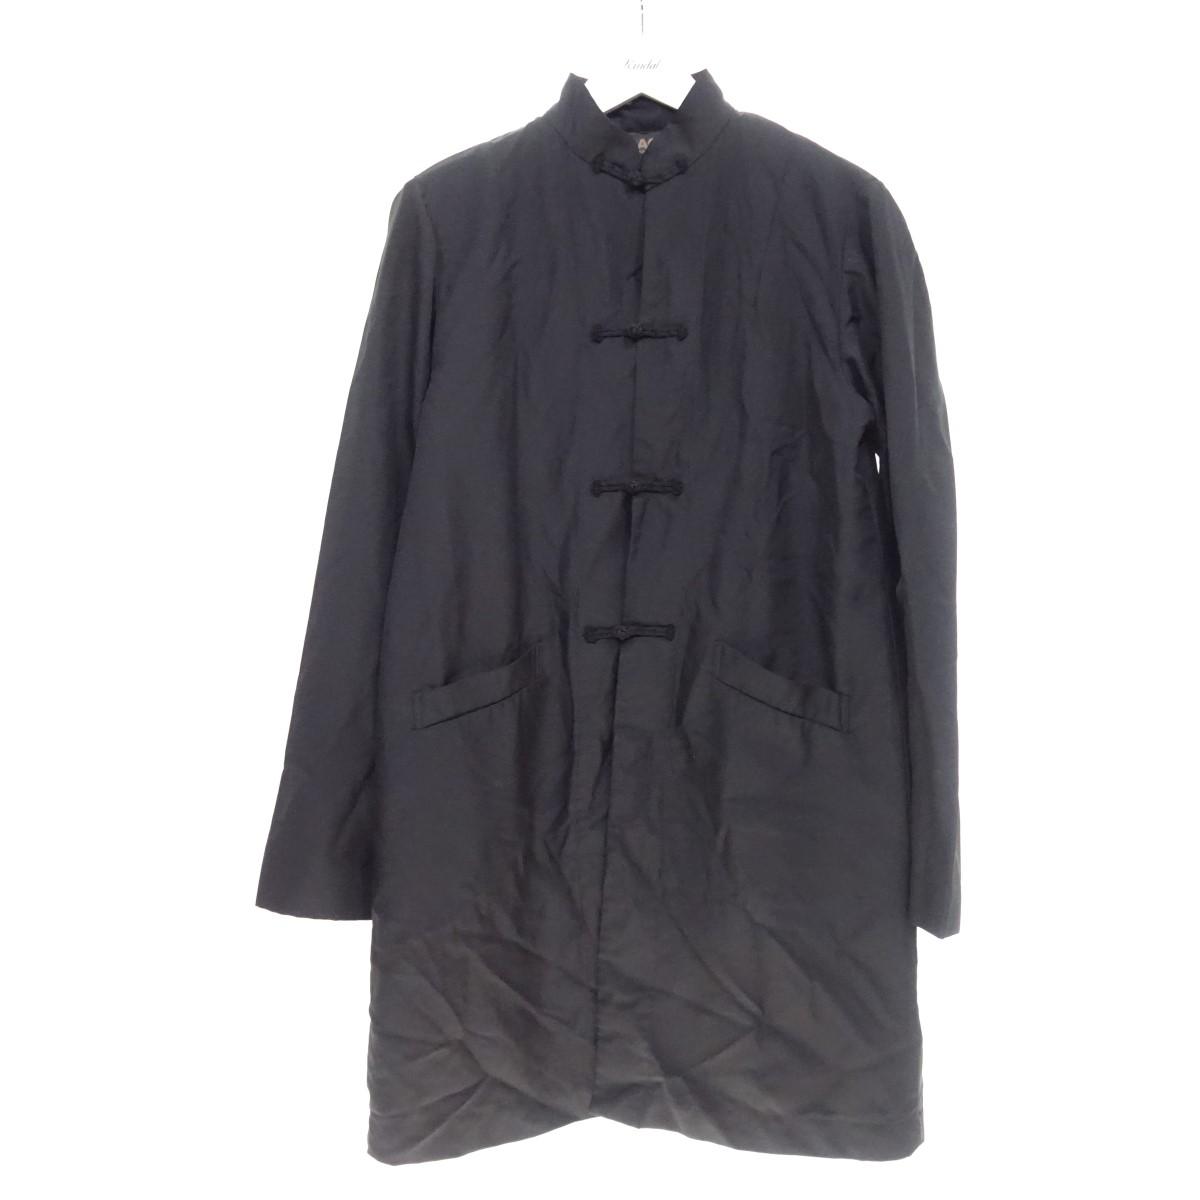 【中古】BLACK COMME des GARCONS 19SS 縮絨 ロングチャイナコート ブラック サイズ:M 【160620】(ブラックコムデギャルソン)